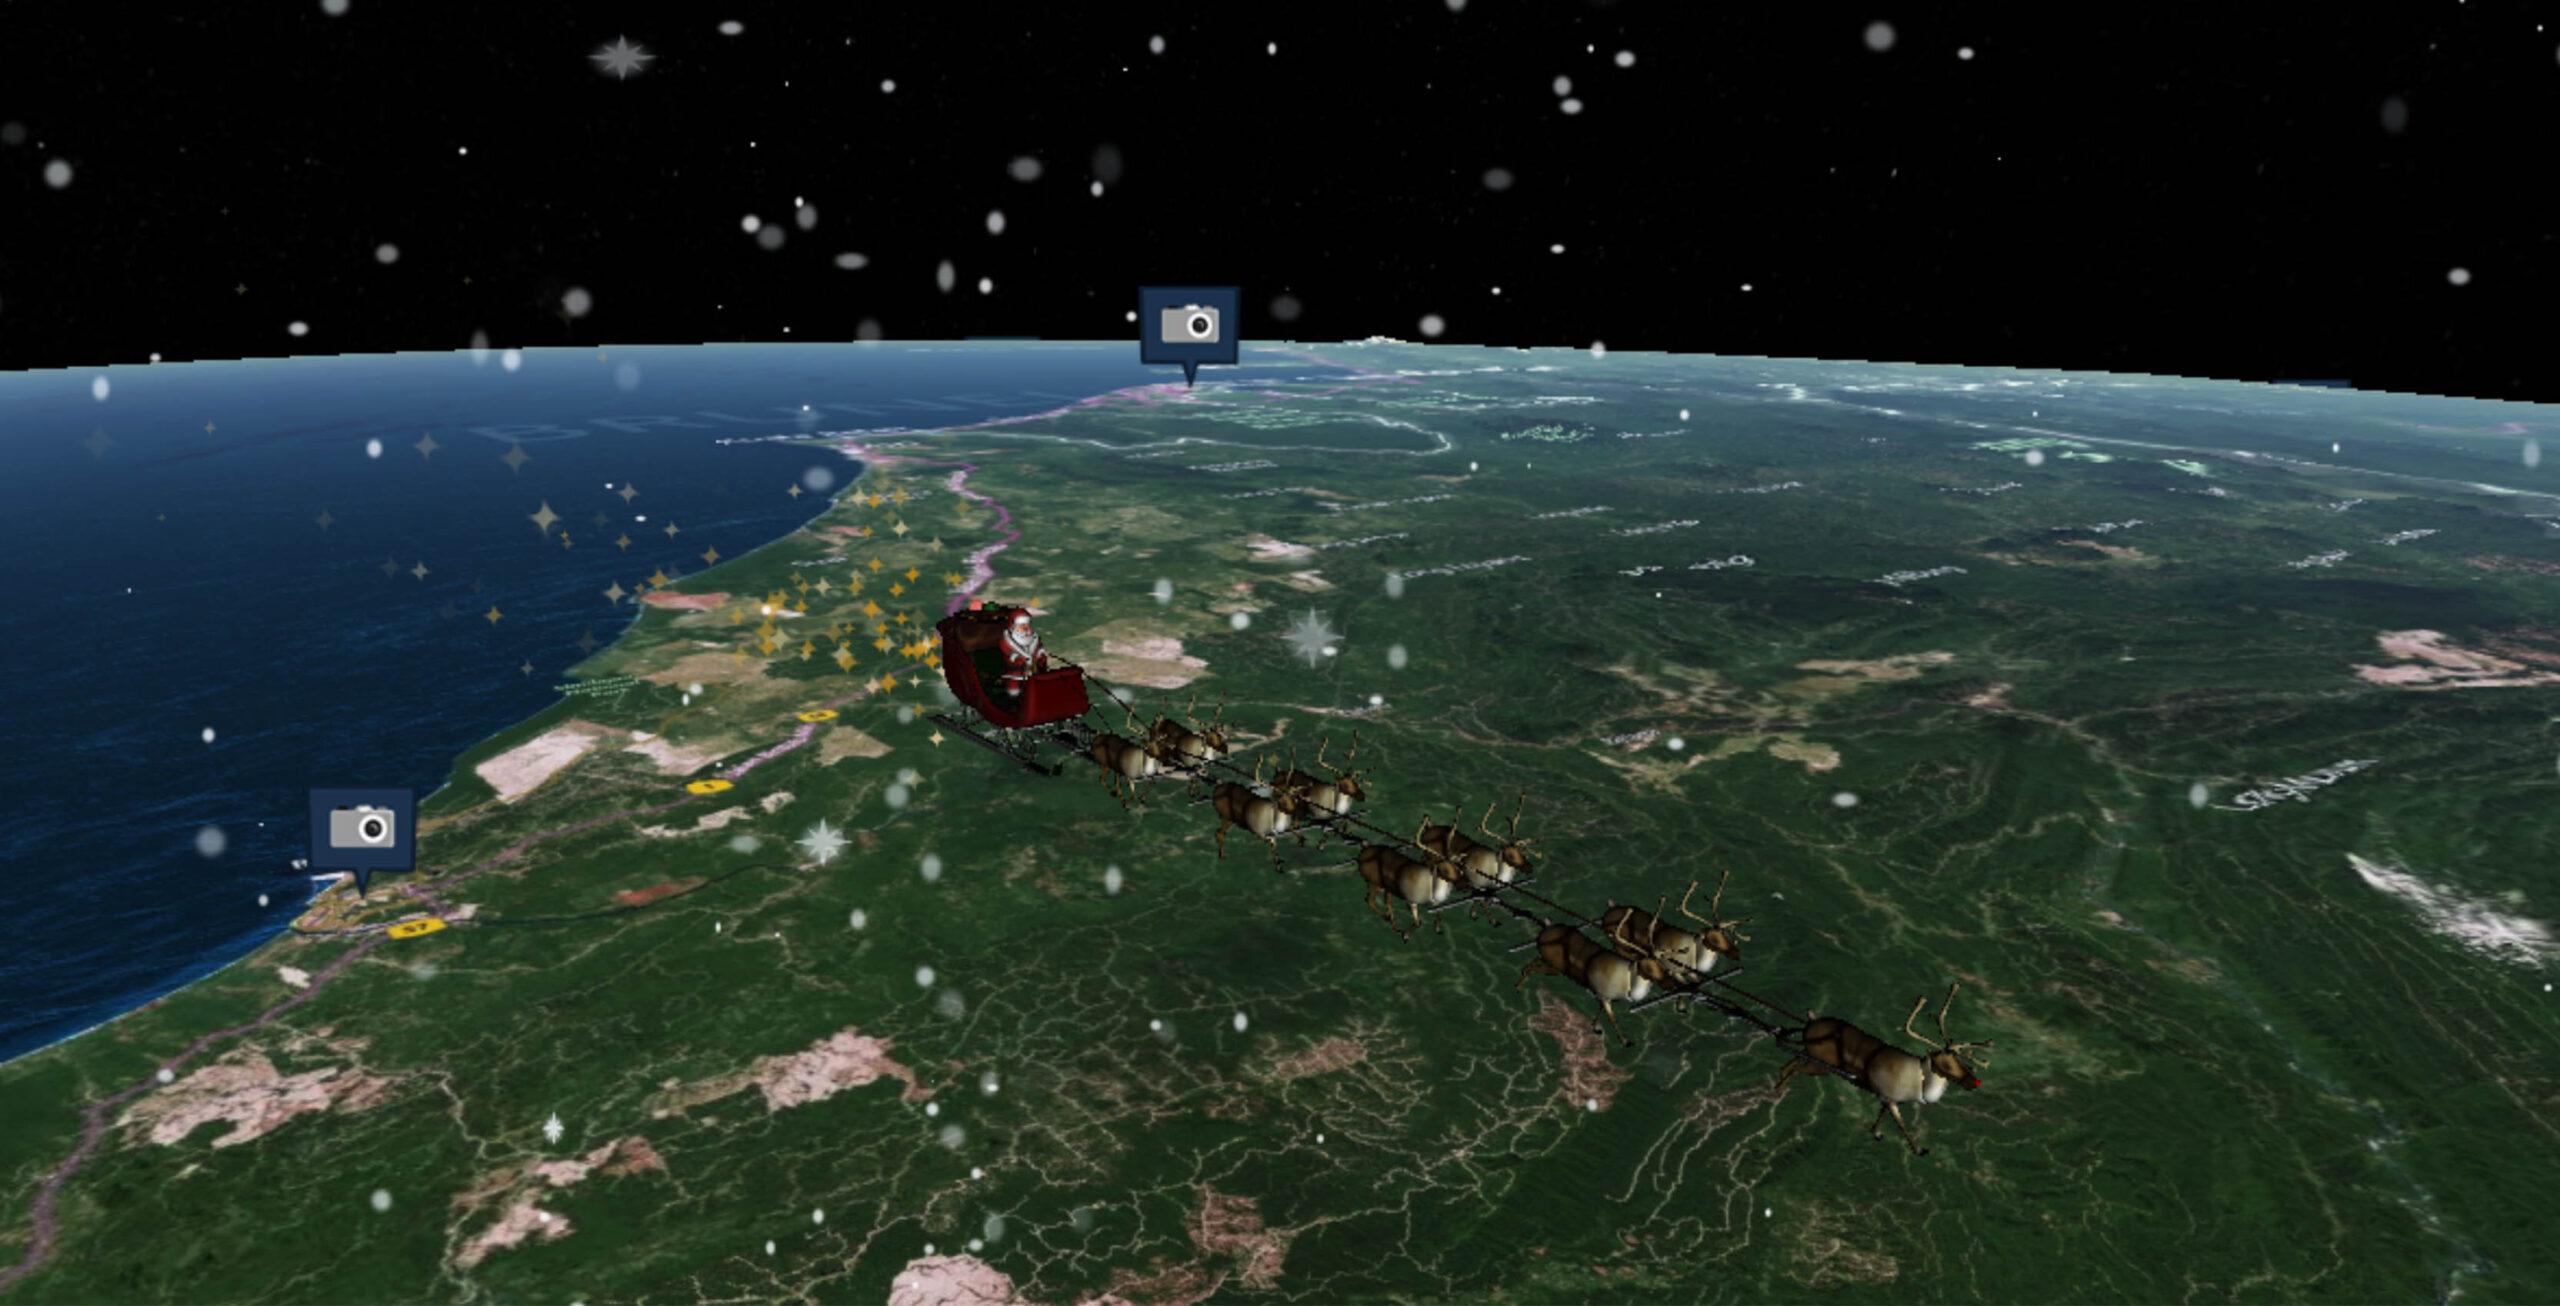 Puedes rastrear a Santa Claus virtualmente